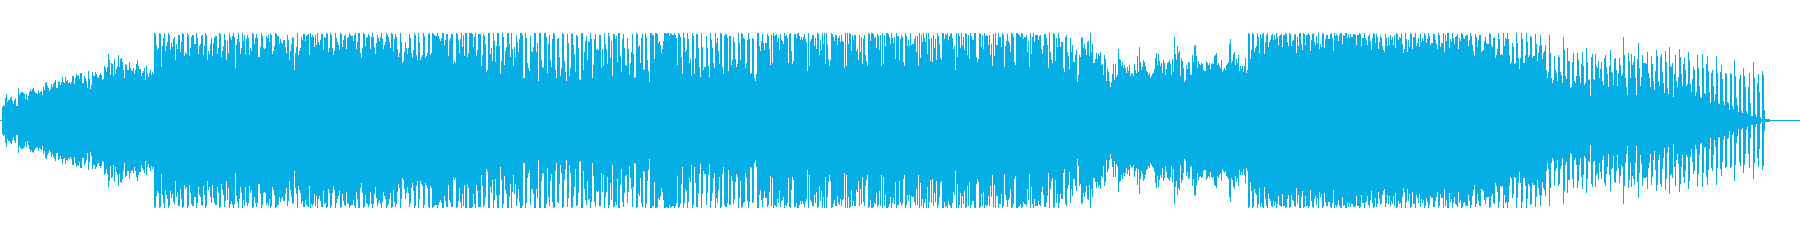 不安や深刻な感じのEDMの再生済みの波形